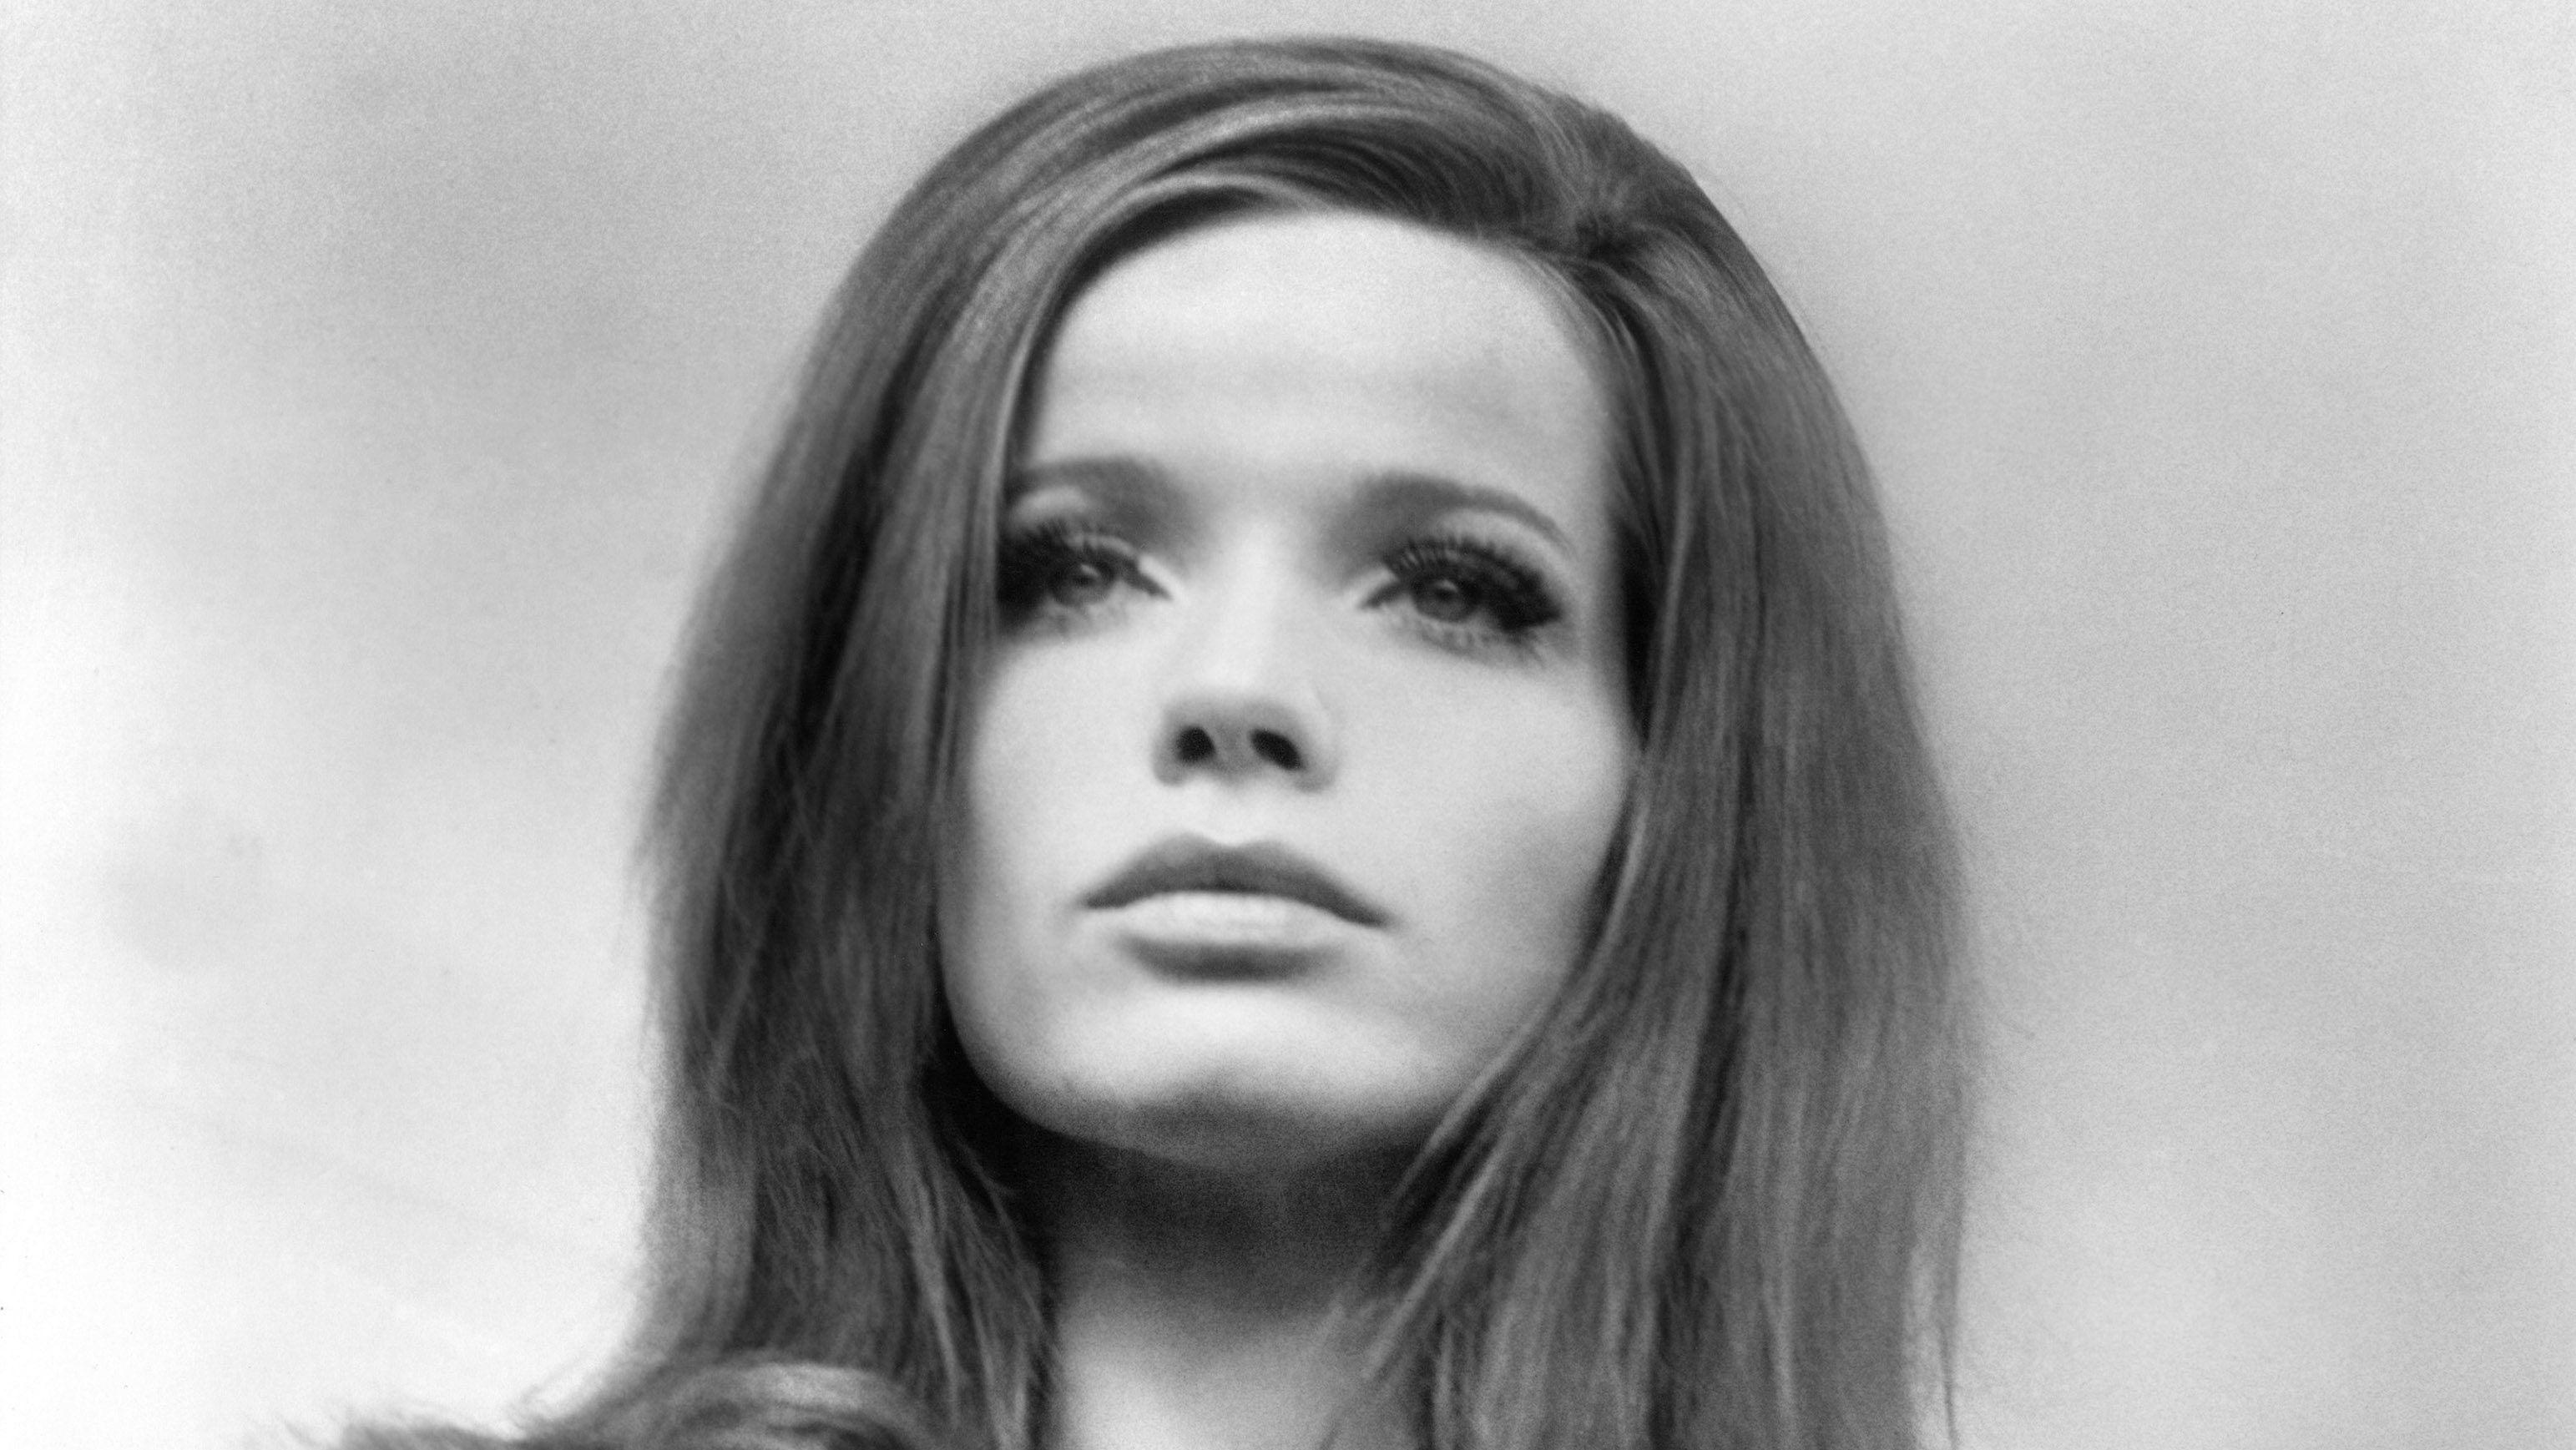 """Szene aus dem Film """"Blow Up"""": Vera von Lehndorff als """"Veruschka"""", mit geschminktem Gesicht und gestyleter Frisur"""